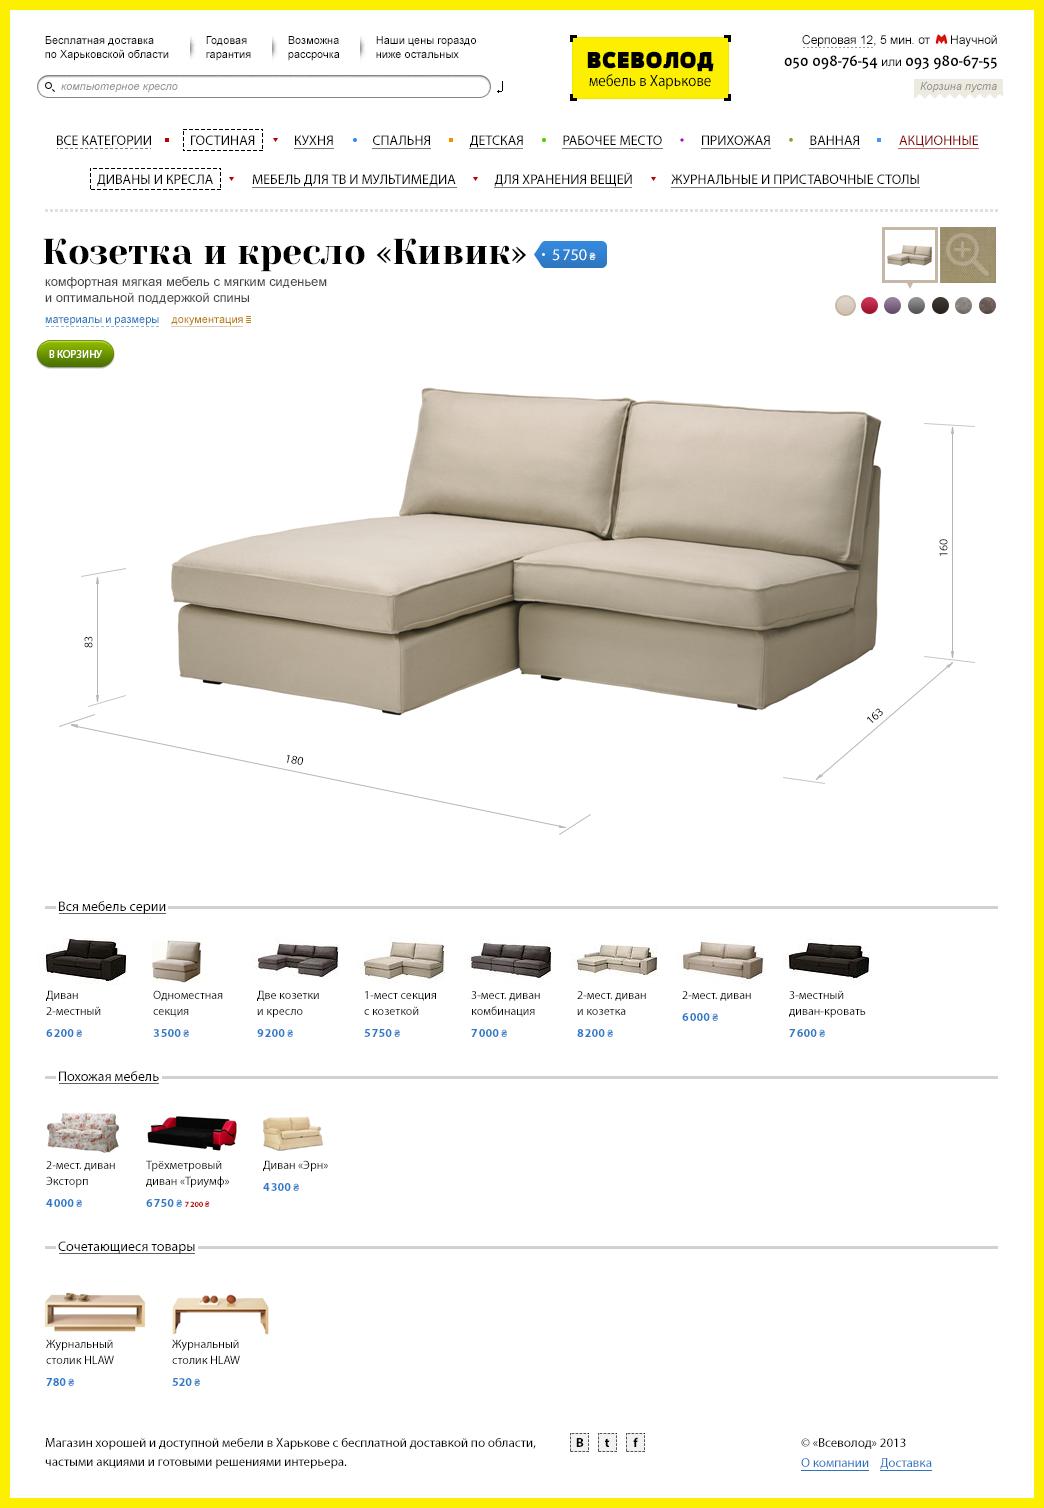 Магазин мебели «Всеволод»